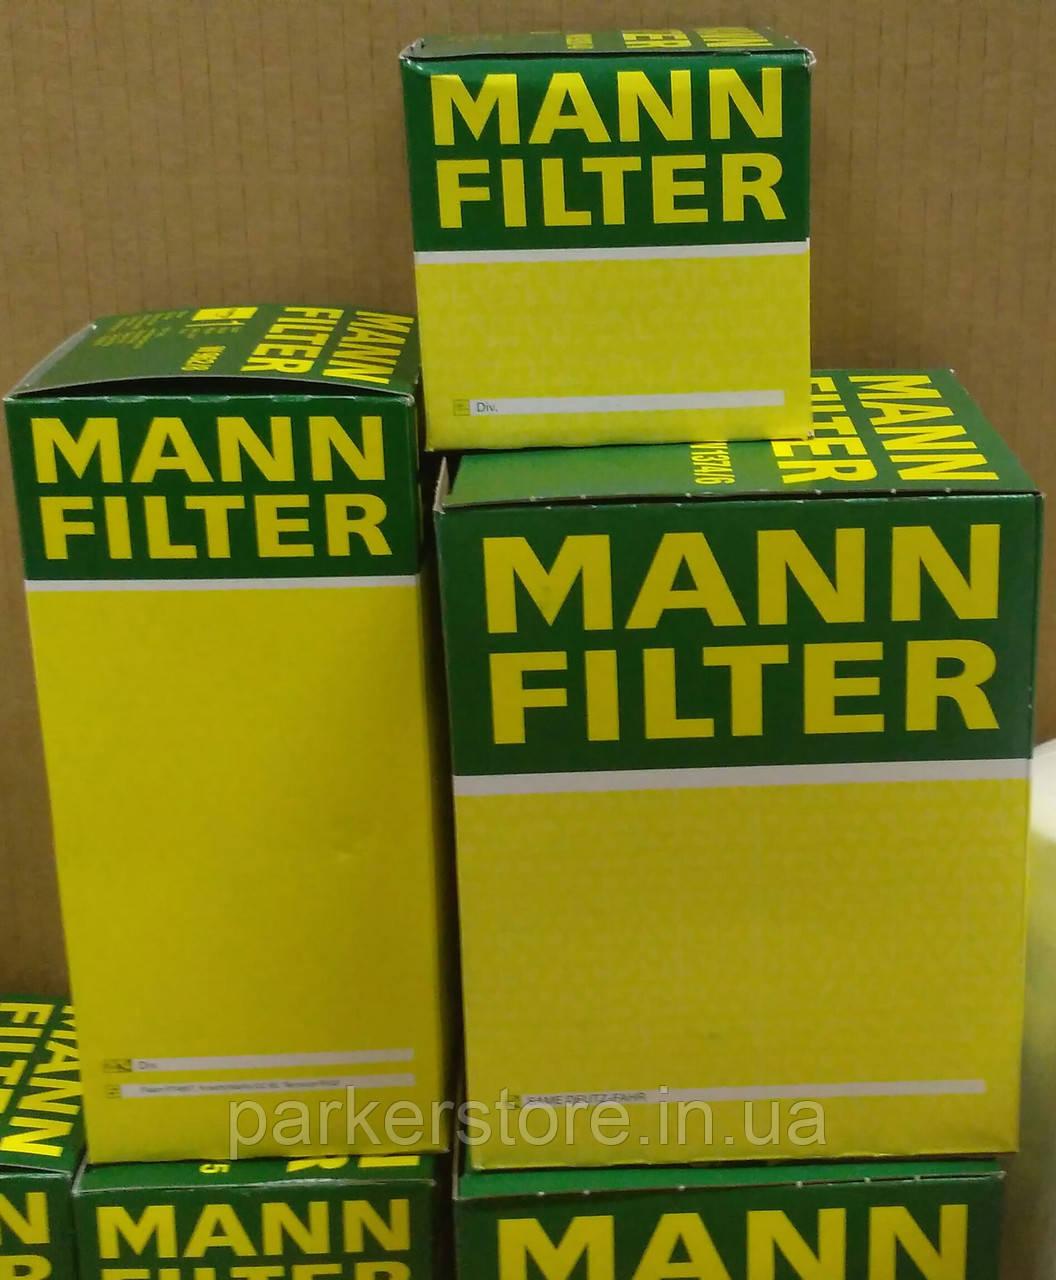 MANN FILTER / Повітряний фільтр / C 14 179 / C14179